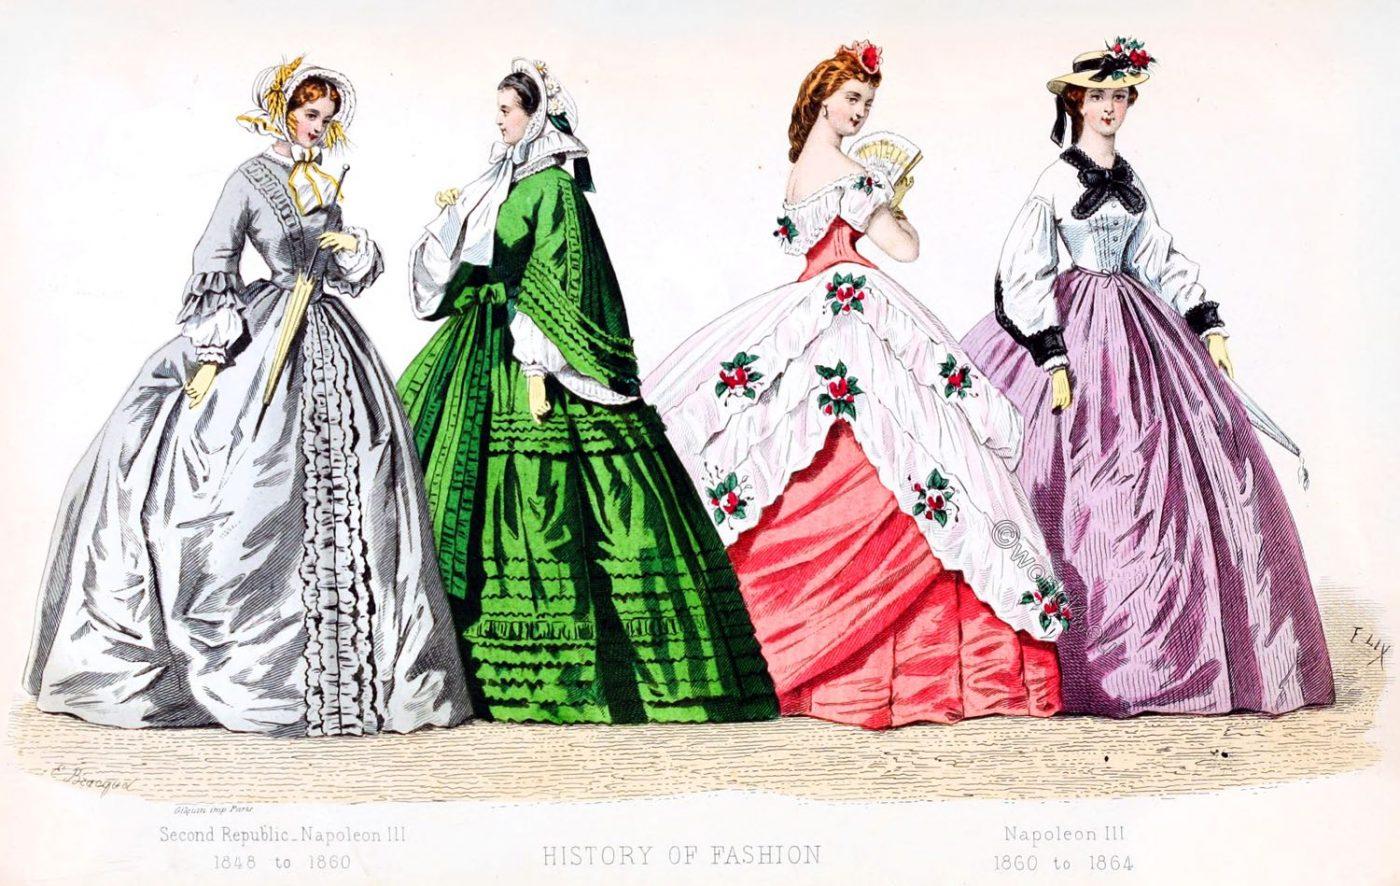 Crinoline,fashion history, Romantic, Napoleon III, Second Republic,